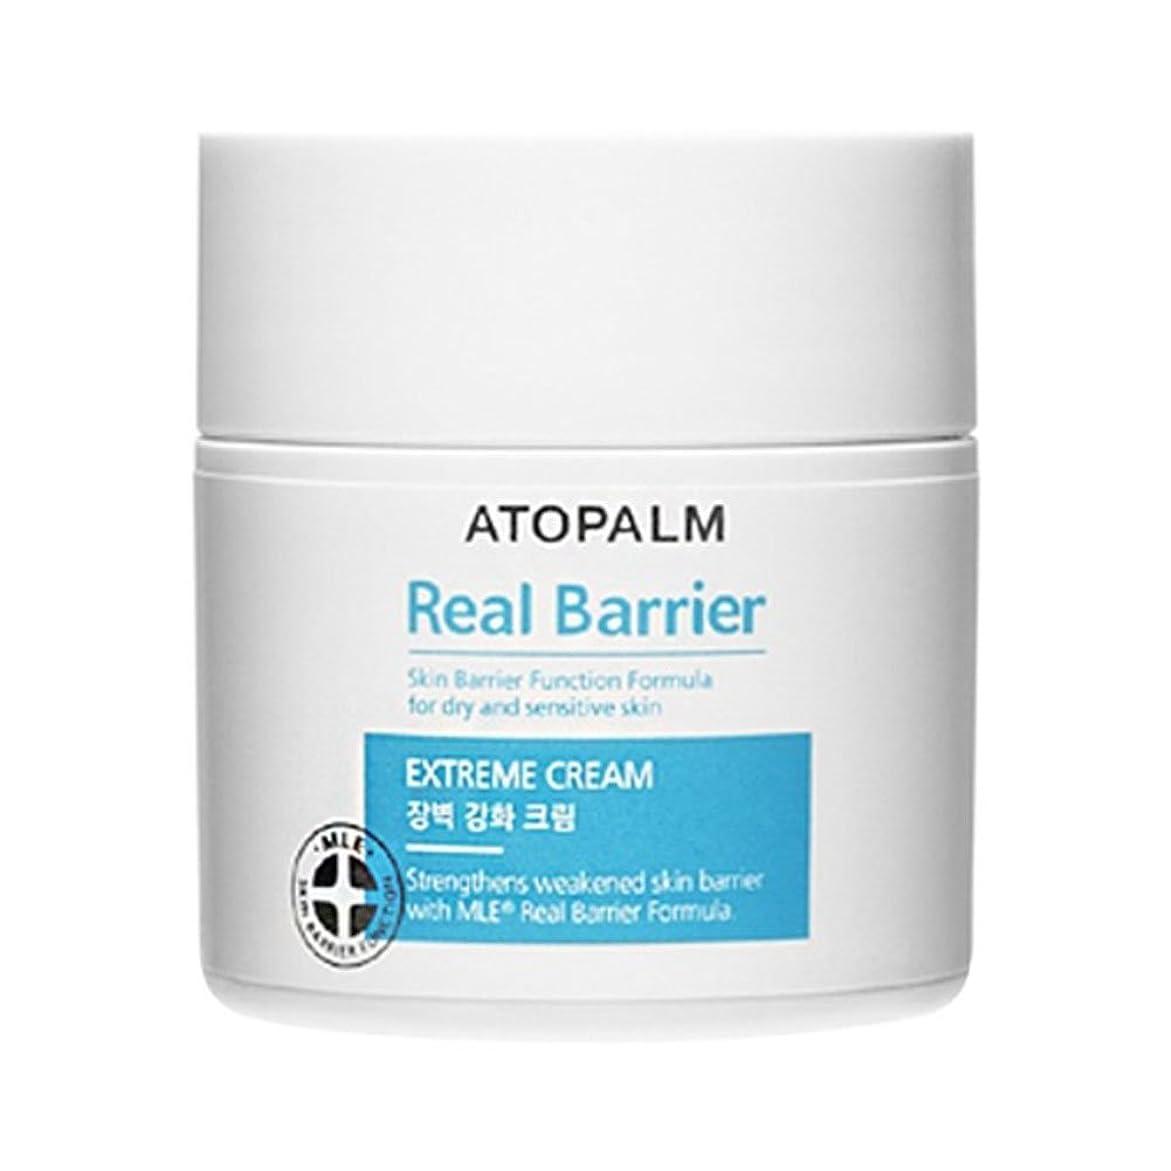 上院区スロットアトファムリアルバリア?エクストリームクリーム50ml、韓国化粧品 ATOPALM Real Barrier Extream Cream 50ml, Korean Cosmetics [並行輸入品]